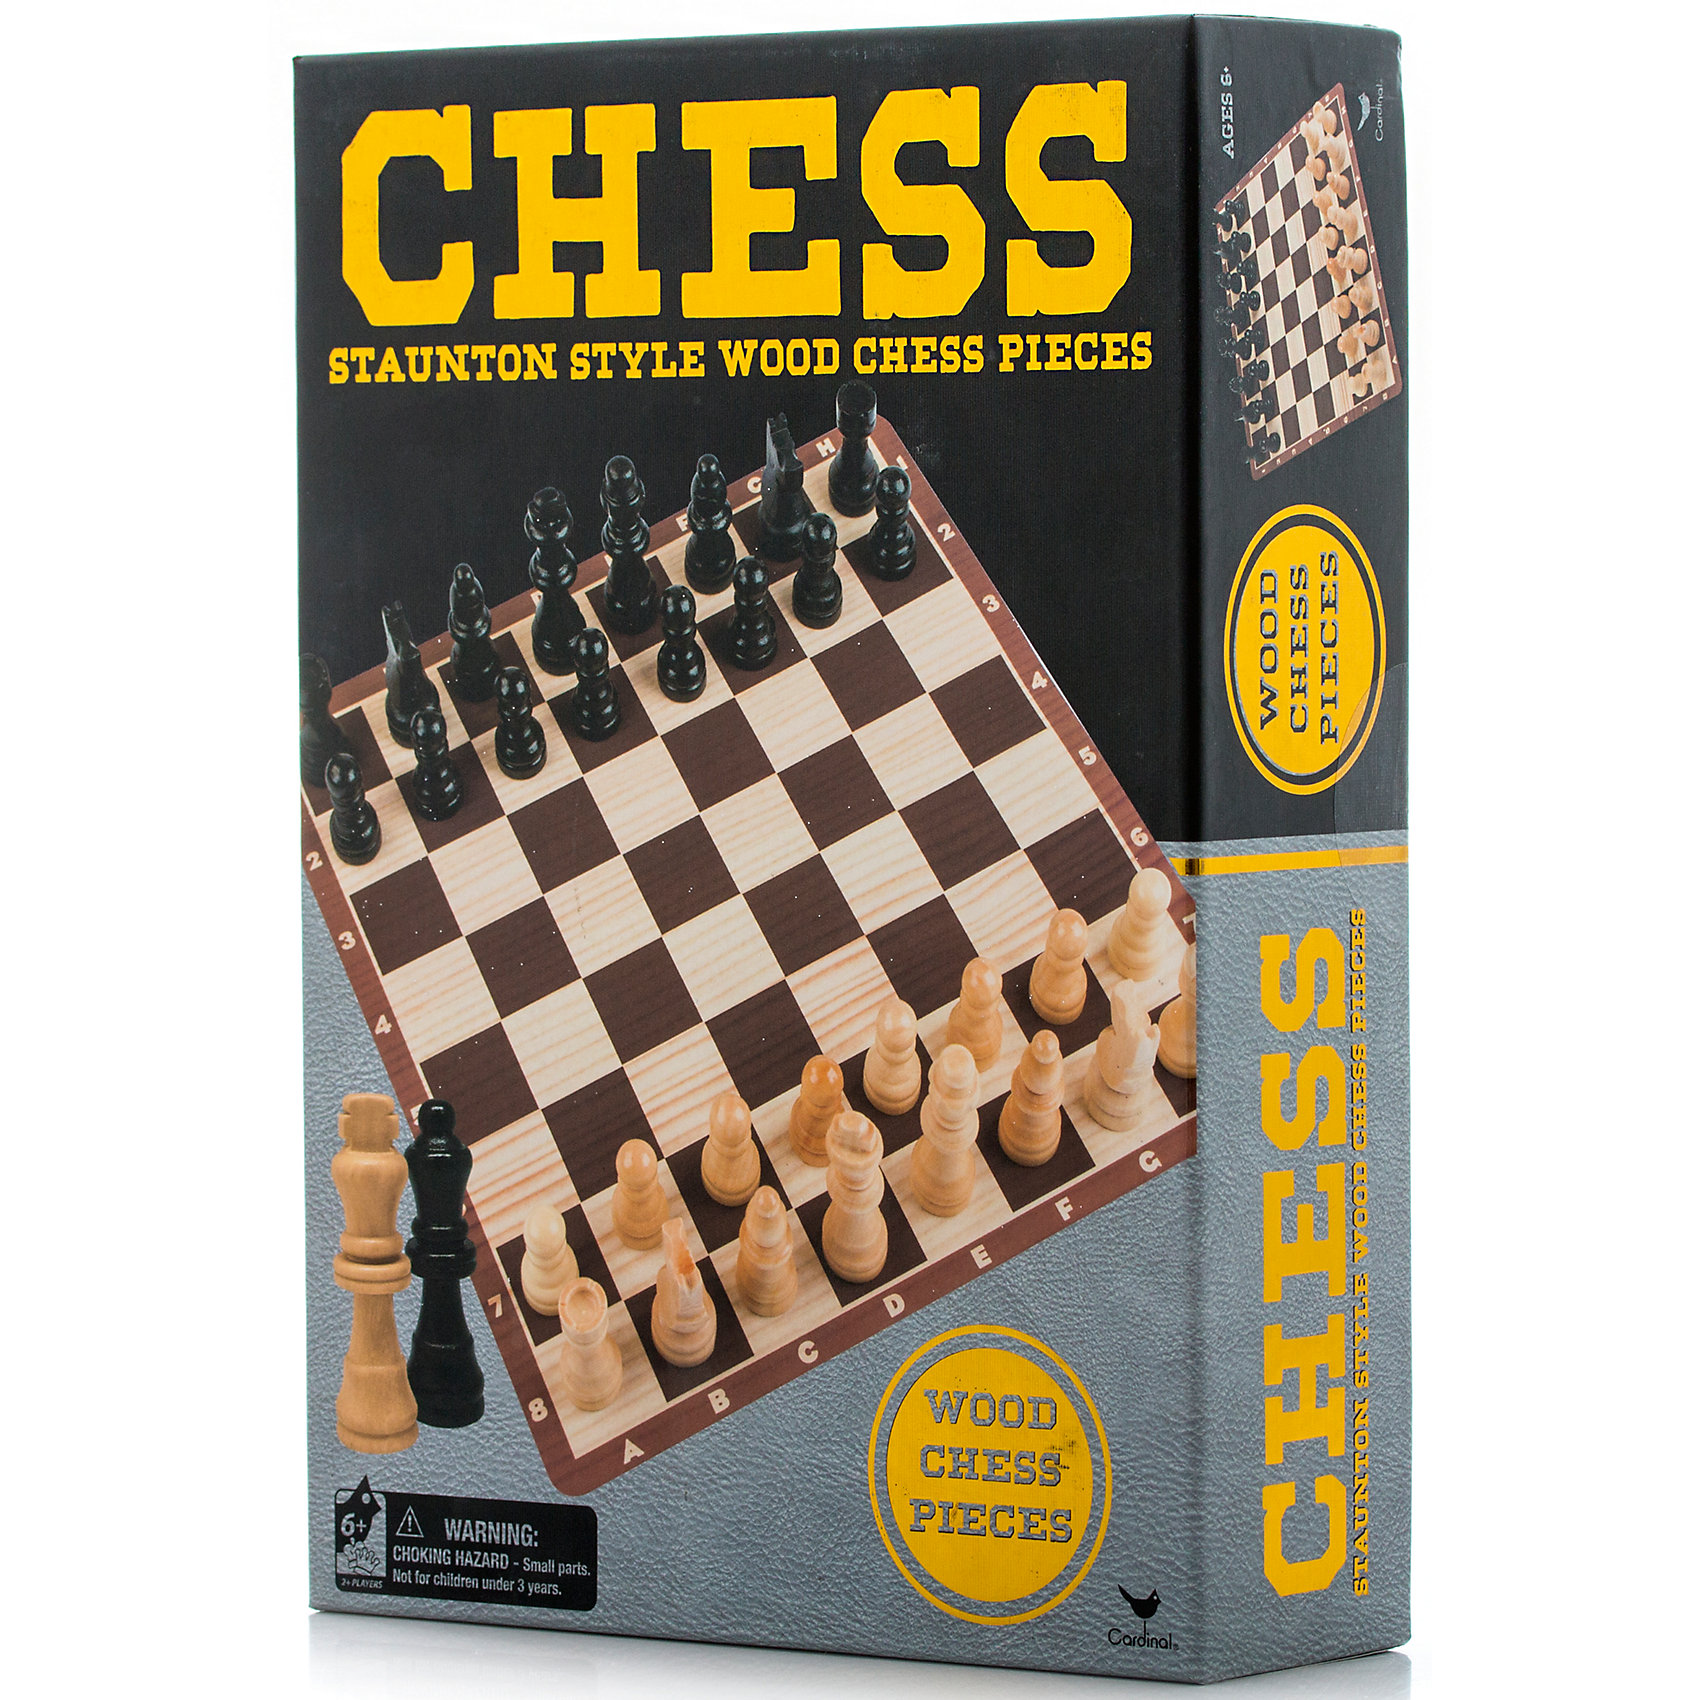 Шахматы классические, Spin MasterНастольные игры<br>Характеристики товара:<br><br>• возраст от 6 лет;<br>• материал: дерево, картон;<br>• в комплекте: складное игровое поле, 16 белых фигур, 16 черных фигур;<br>• размер игрового поля 36х36 см;<br>• размер упаковки 30х28х7 см;<br>• страна производитель: Китай.<br><br>Шахматы классические Spin Master позволят увлекательно и познавательно провести время в кругу семьи и друзей дома или в путешествии. Игра в шахматы развивает интеллект, смекалку, тактику, логическое мышление, стратегическое мышление.<br><br>Шахматы классические Spin Master можно приобрести в нашем интернет-магазине.<br><br>Ширина мм: 200<br>Глубина мм: 70<br>Высота мм: 280<br>Вес г: 608<br>Возраст от месяцев: 72<br>Возраст до месяцев: 2147483647<br>Пол: Унисекс<br>Возраст: Детский<br>SKU: 6728775